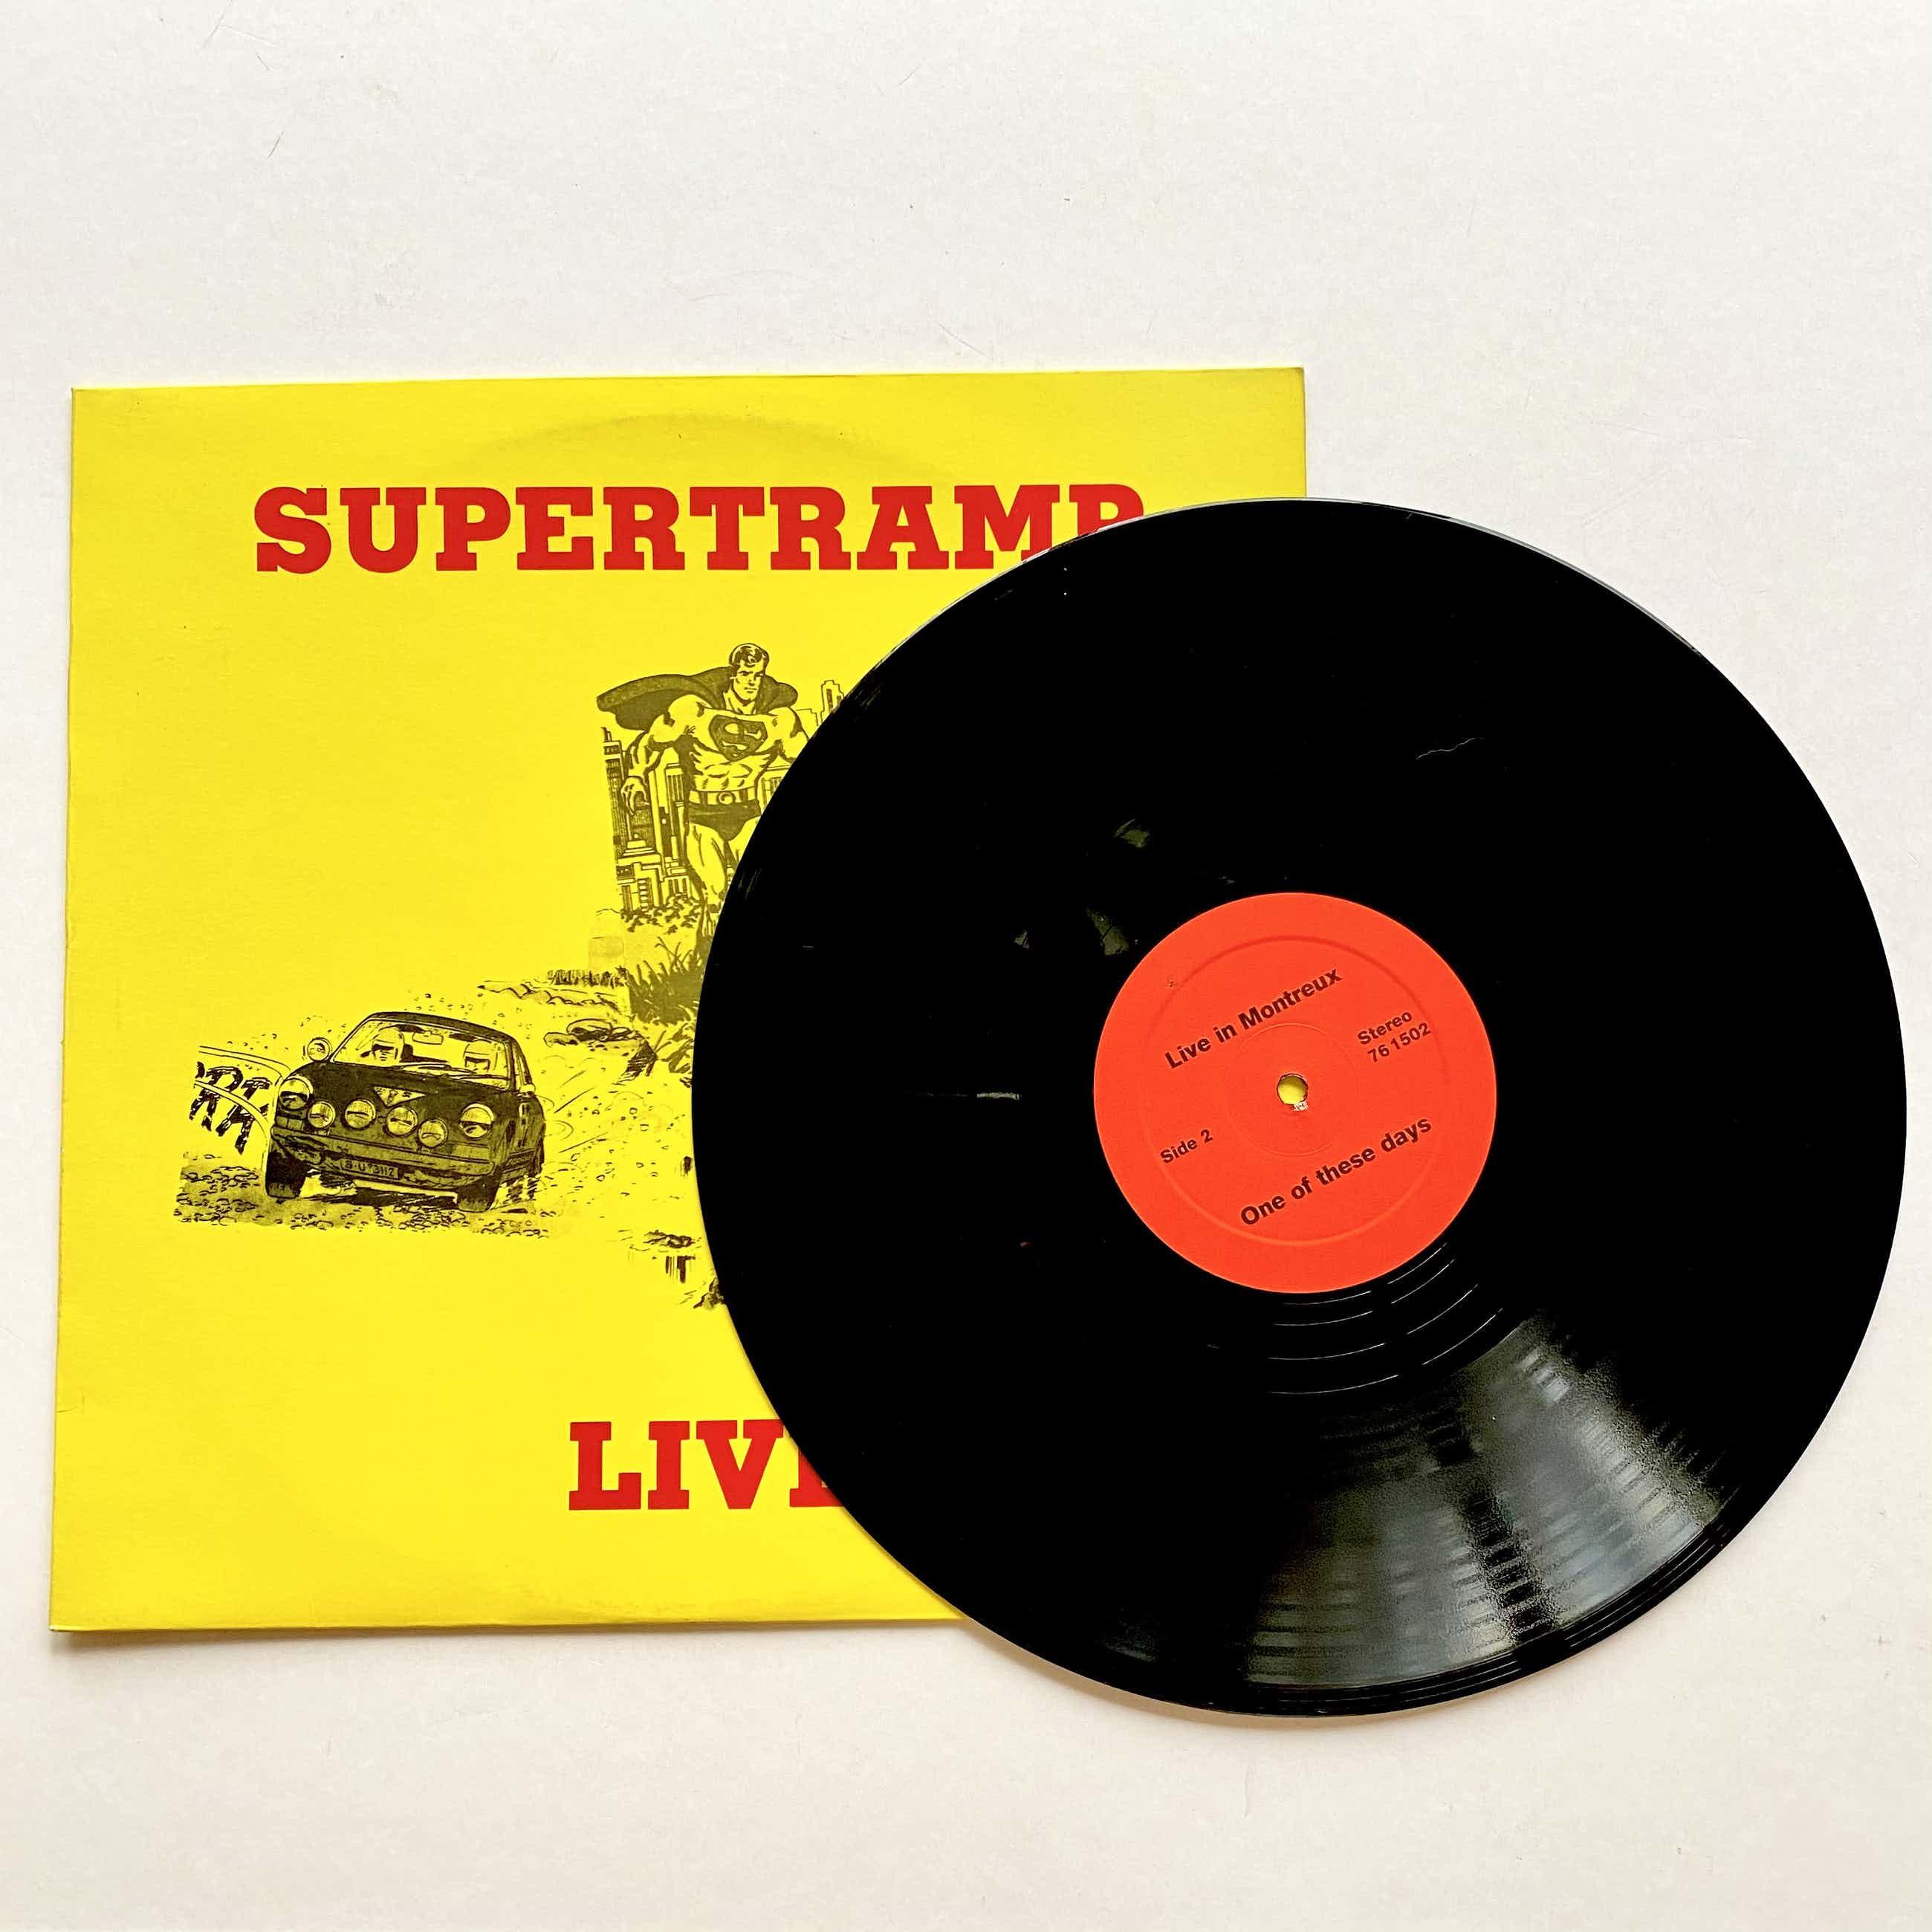 Supertramp - LIVE (Unofficial Release) kopen? Bied vanaf 50!